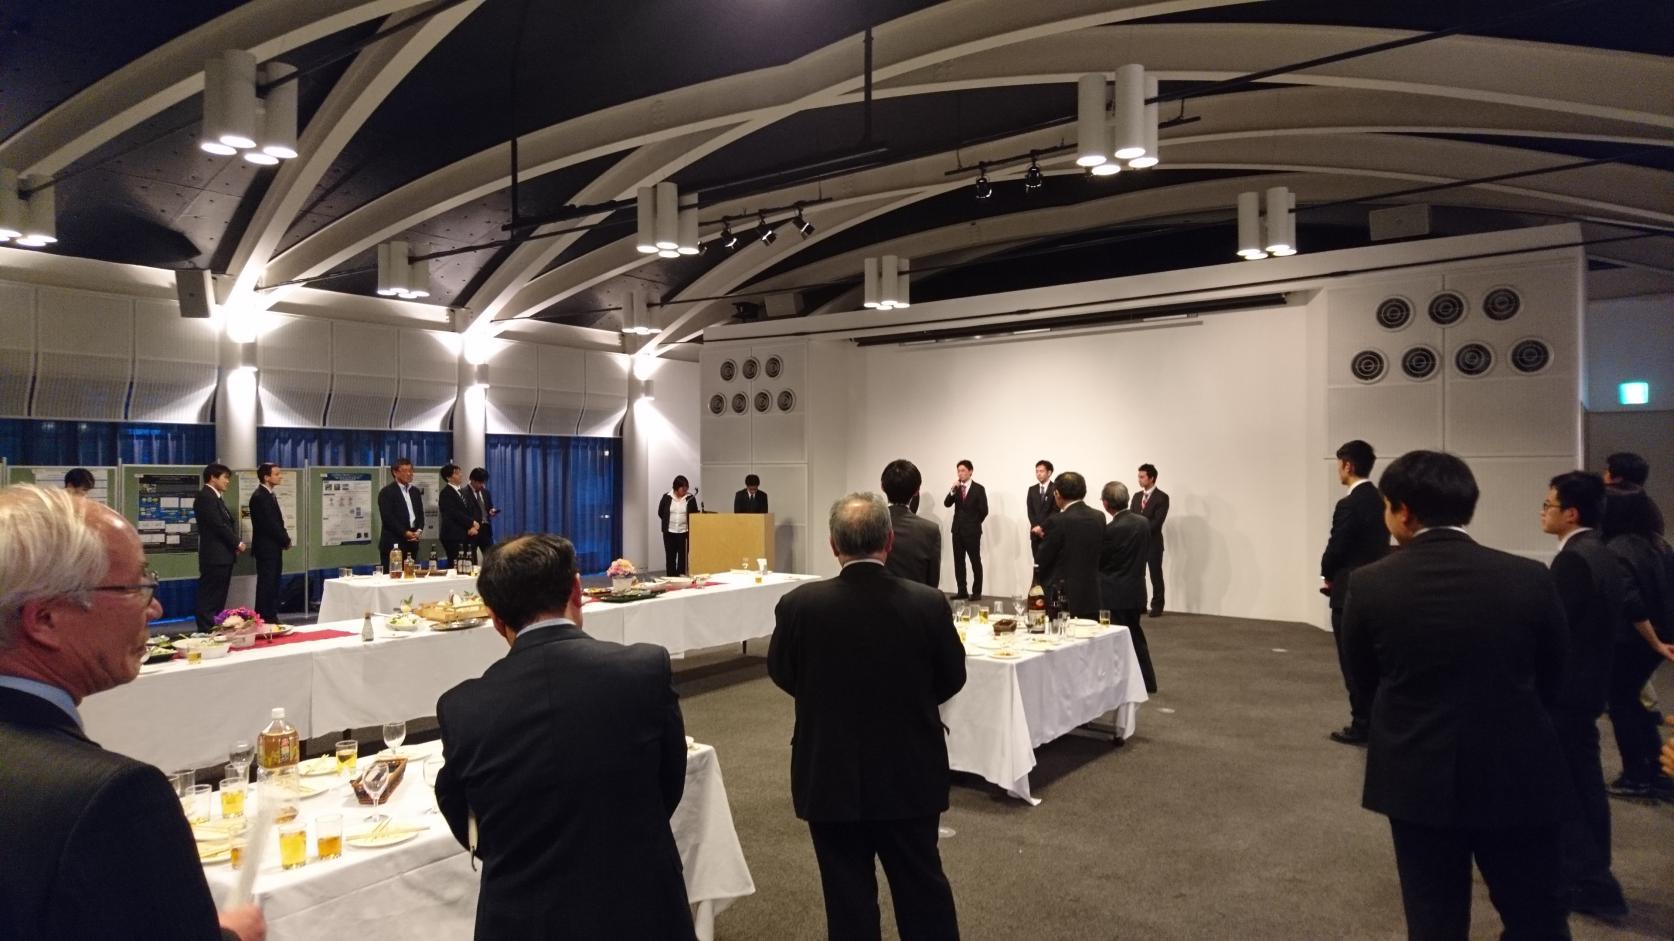 機械工学専攻博士前期課程2年の須田拓美さんが、複合材料界面科学研究会 第1回シンポジウムにて「優秀ポスター賞」を受賞しました。